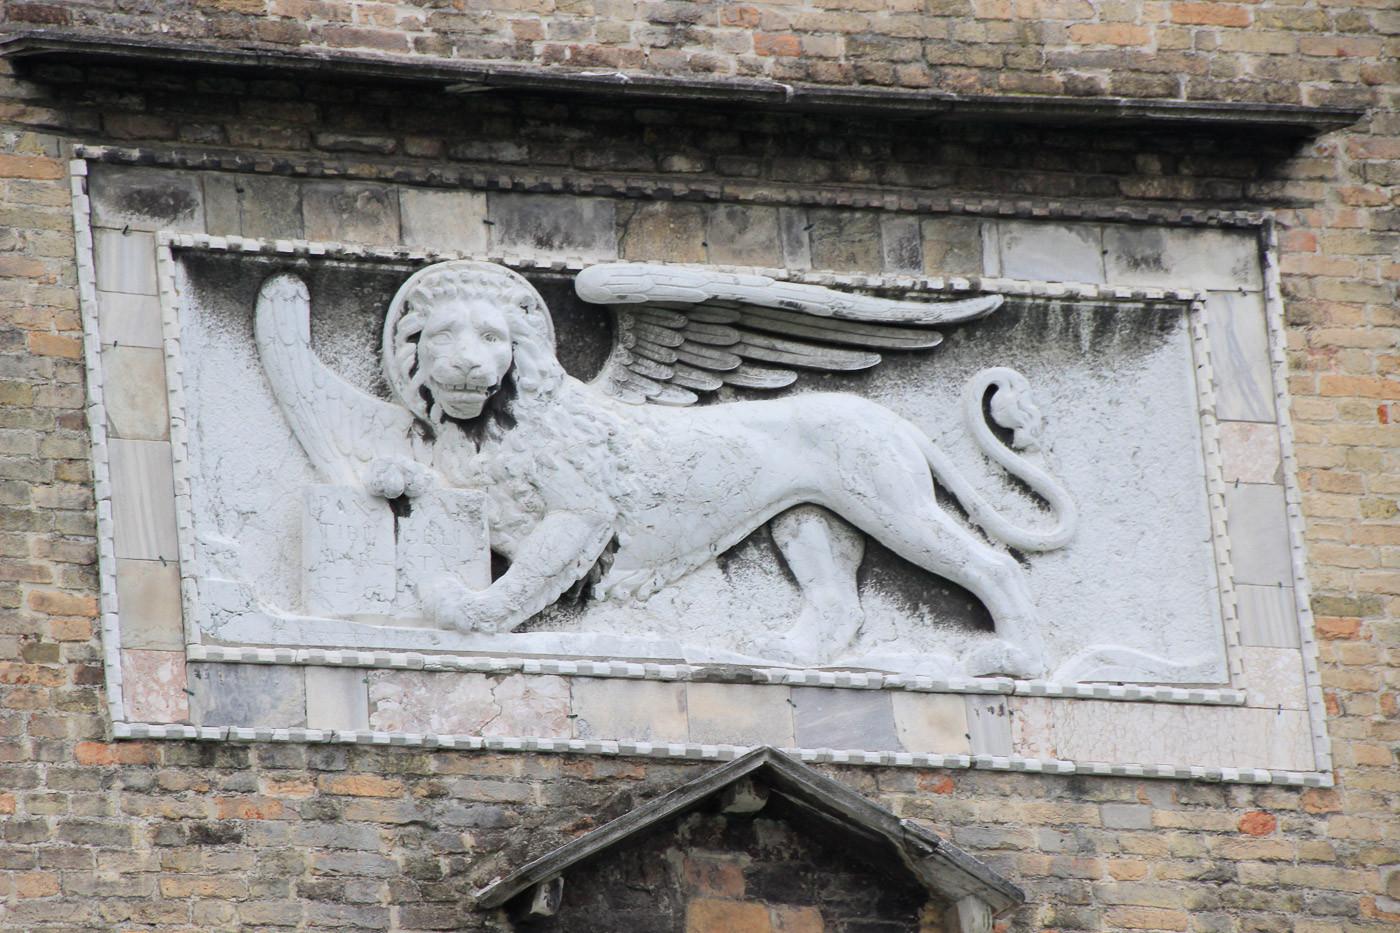 El león alado de San marcos, símbolo de la ciudad en la fachada